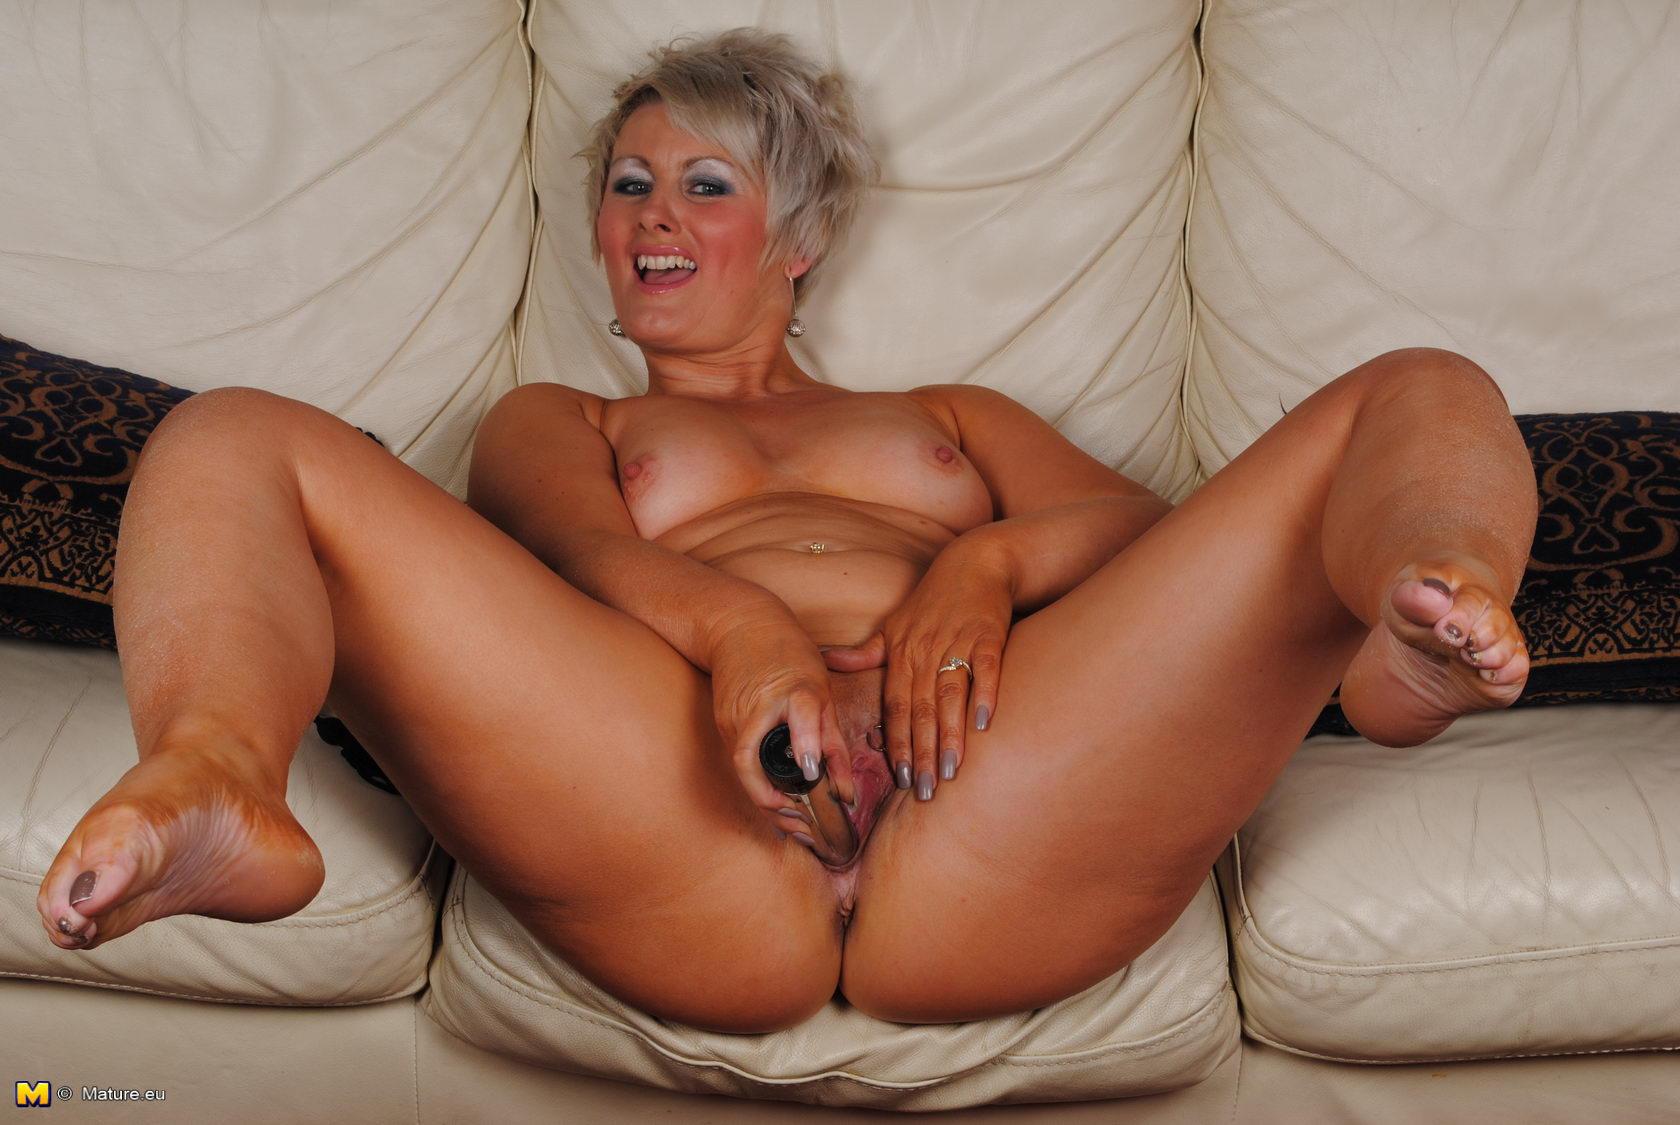 Соло зрелая мастурбация, Соло - Caramel Matureвидео 11 фотография